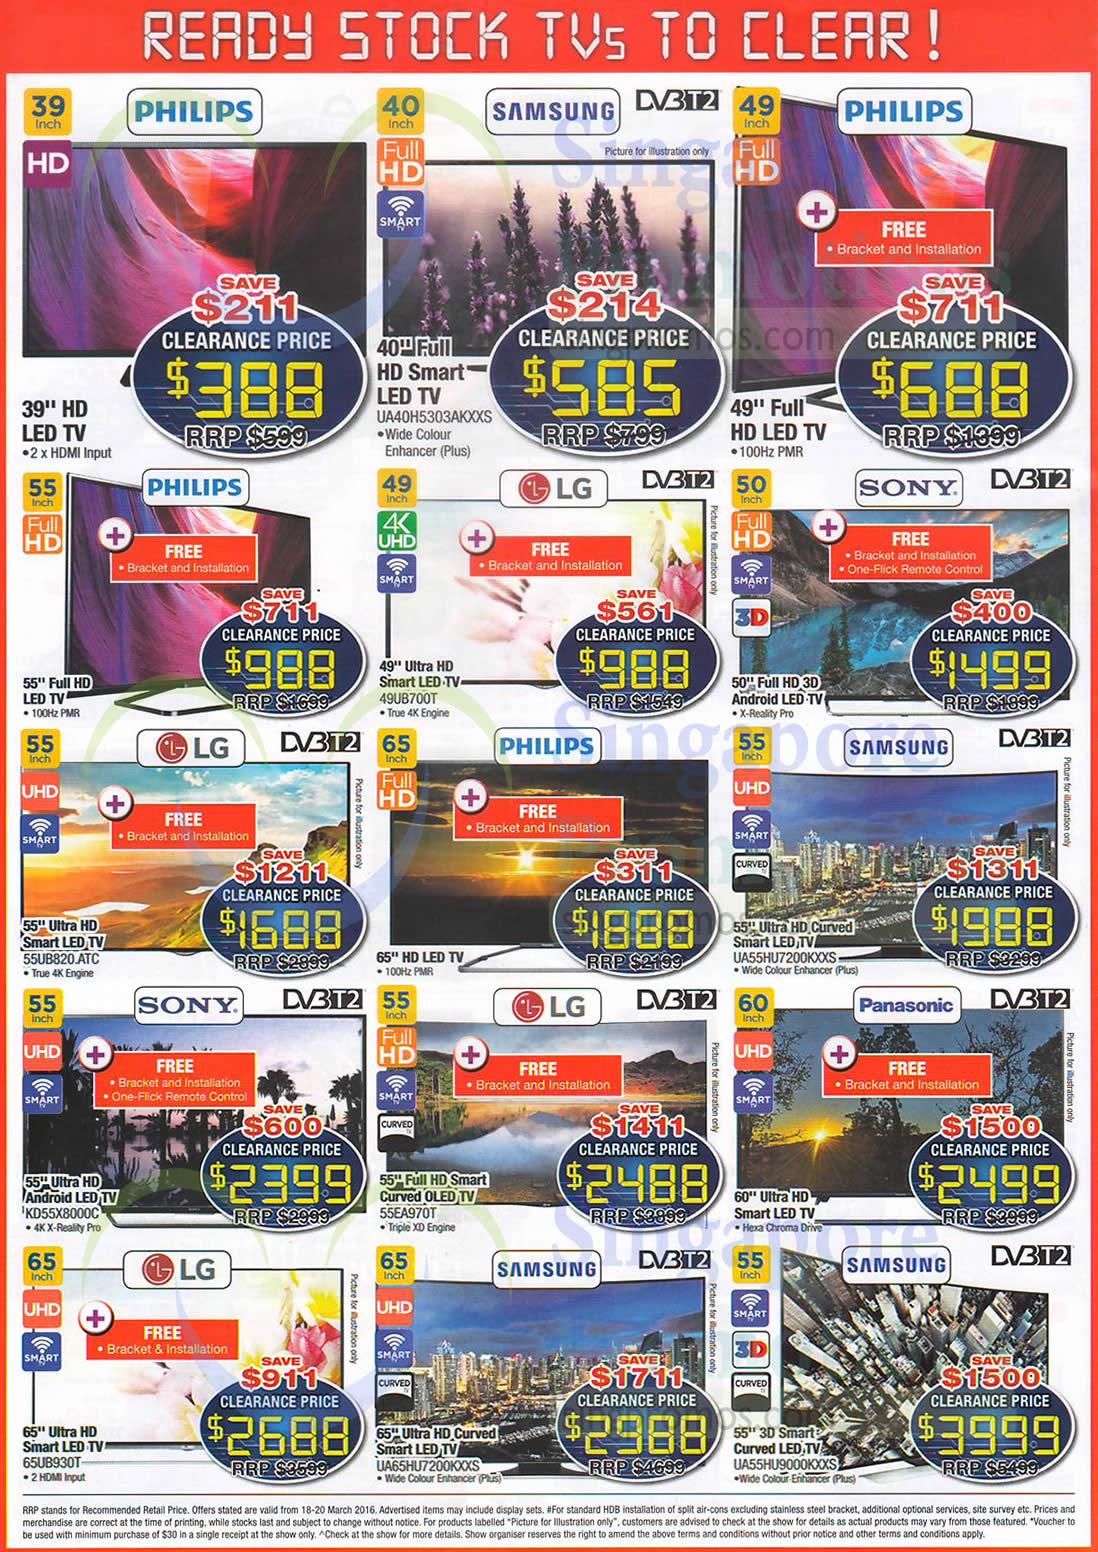 TVs, Philips, Samsung, LG, Sony, Panasonic